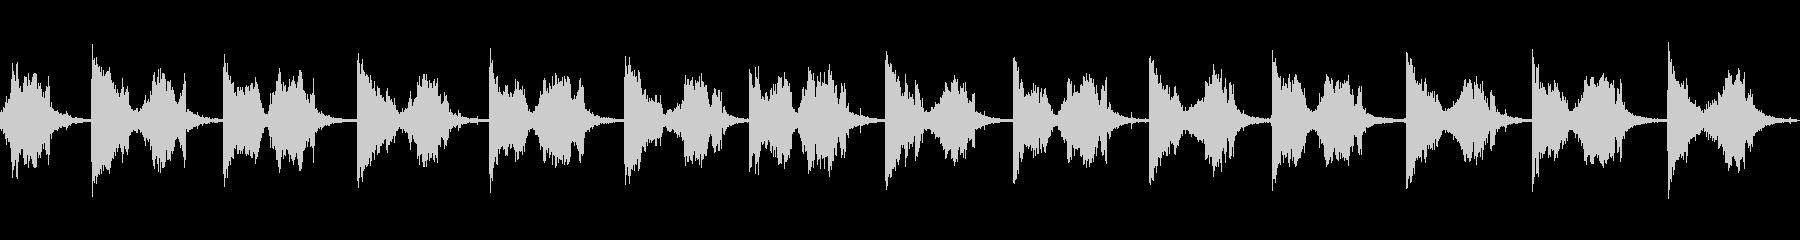 シャープナイフファーストの未再生の波形